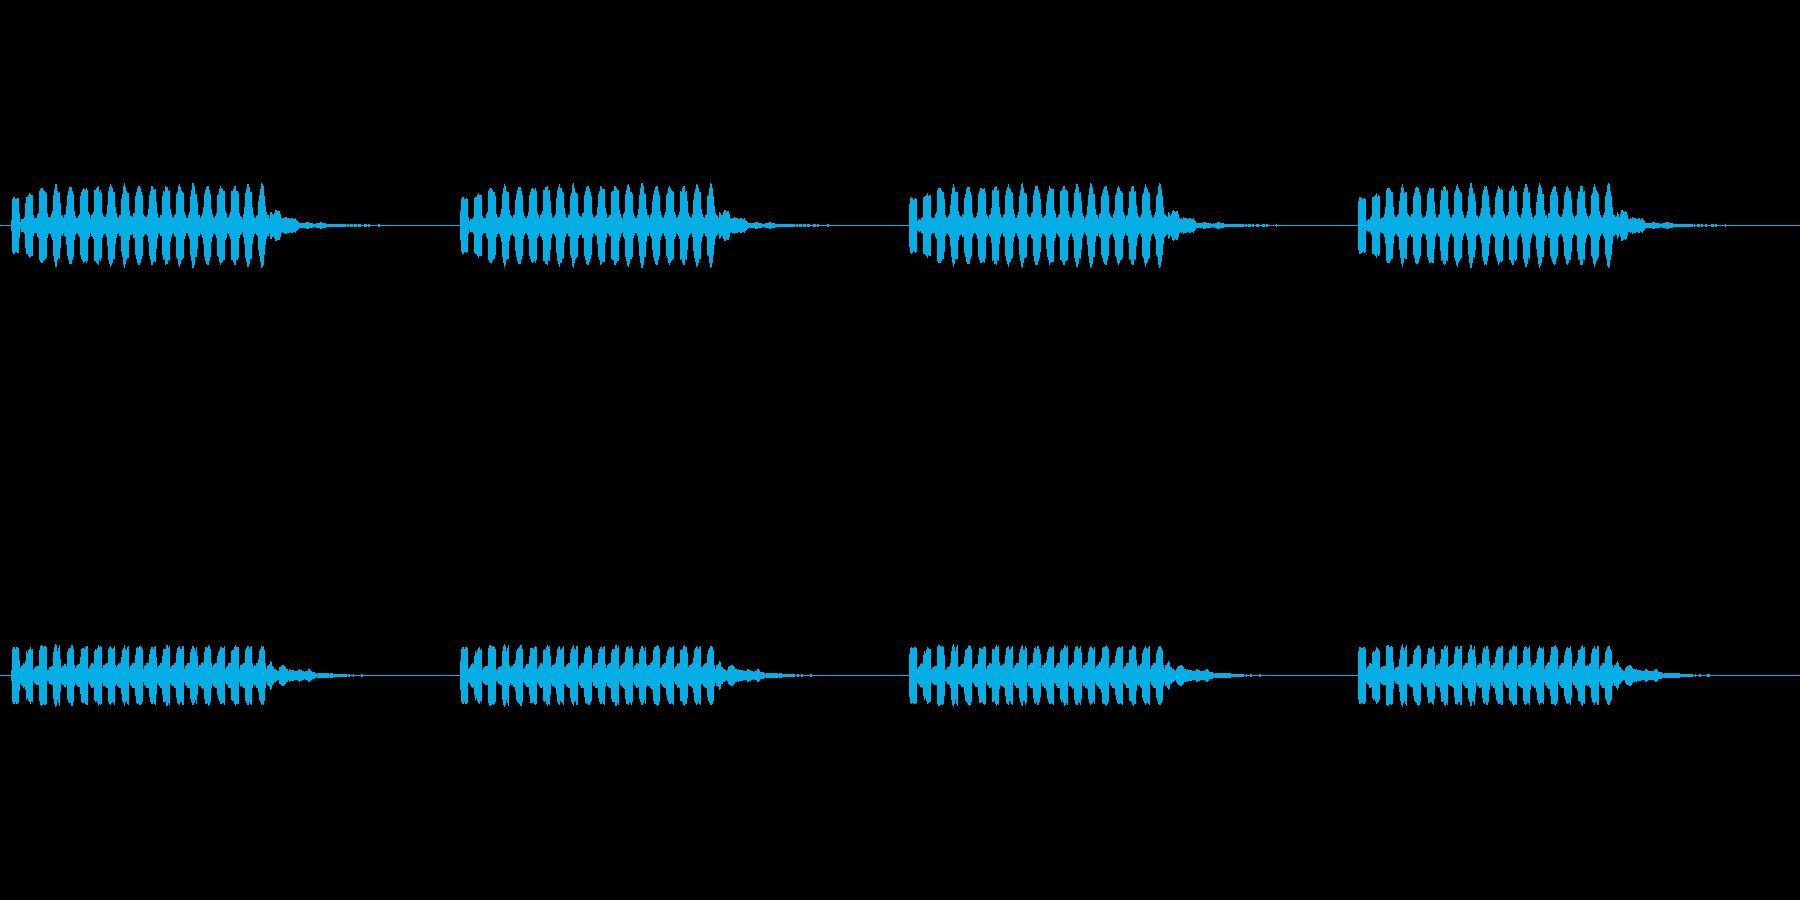 【携帯電話 着信音02-3L】の再生済みの波形